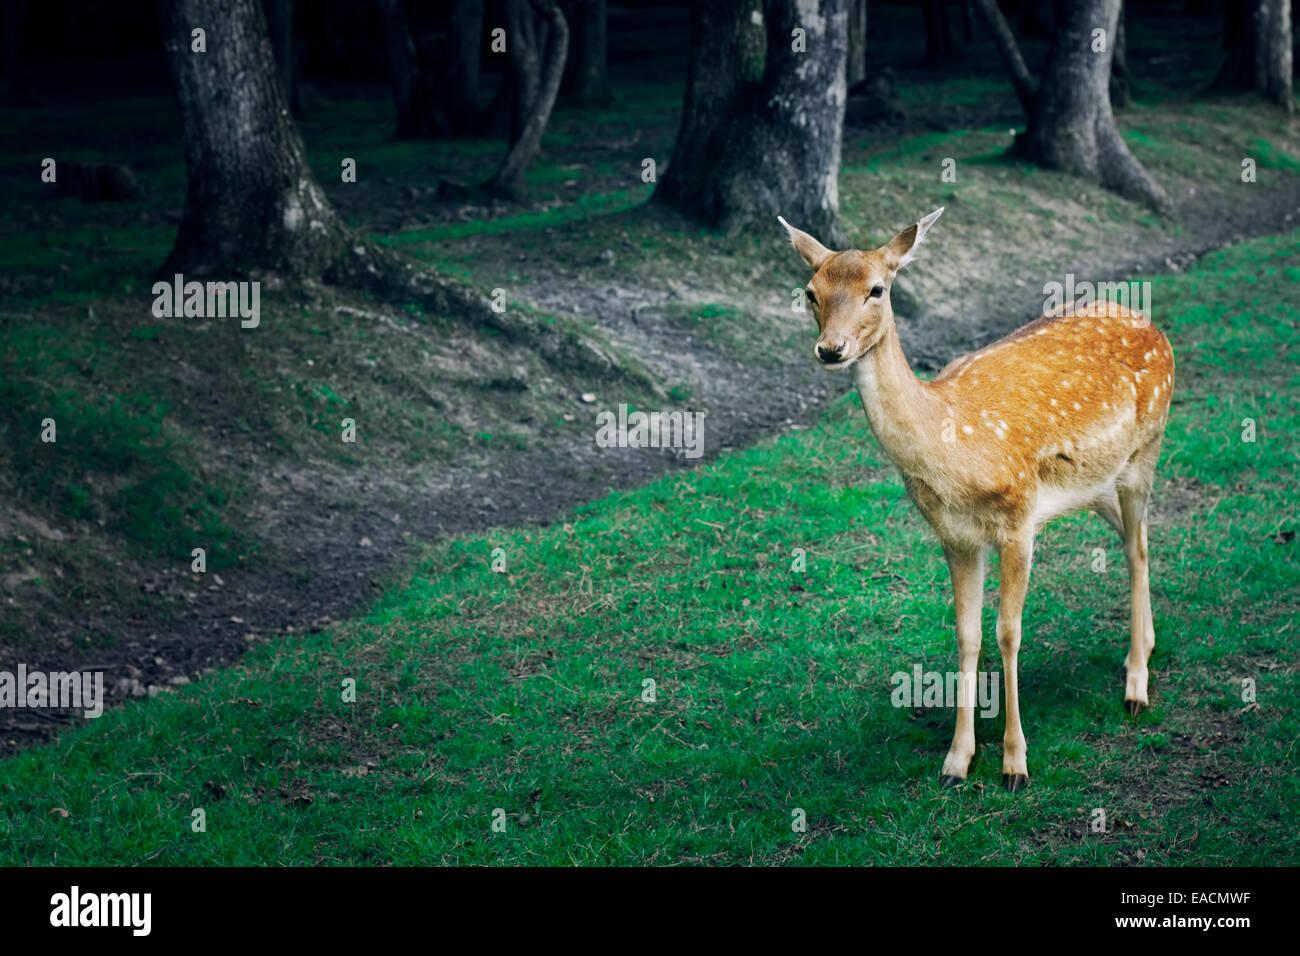 roe deer, reserve de Beaumarchais (Beaumarchais reserv) Indre et Loire, Centre, France. - Stock Image